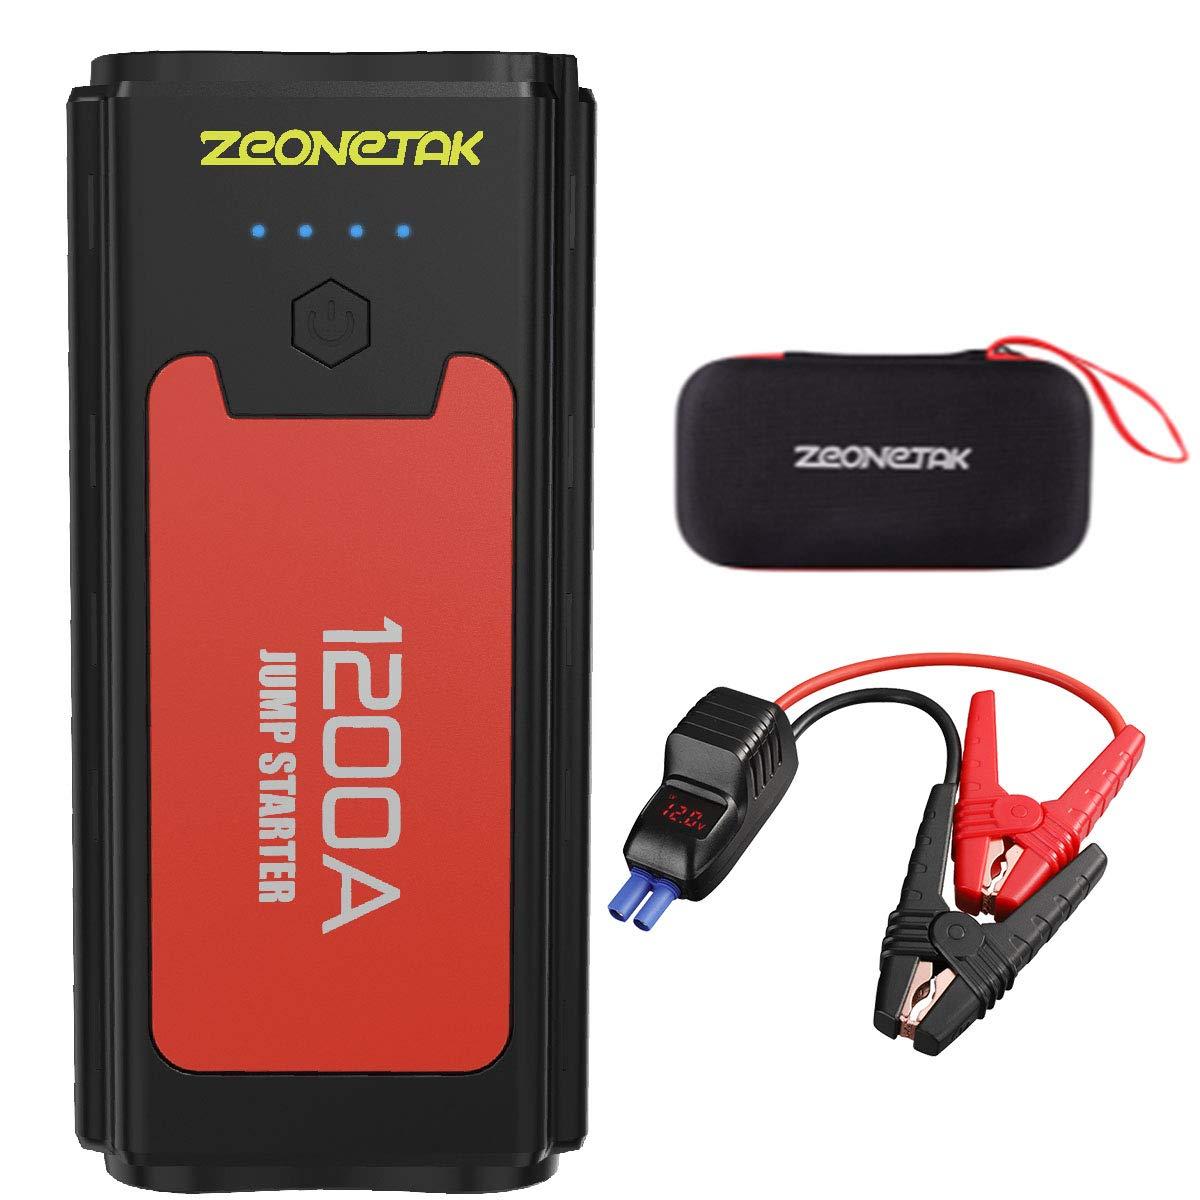 1200A Auto Starthilfe , Zeonetak Tragbare Autobatterie Anlasser Power Pack (bis zu 7.2L Benzin, 5.2L Diesel) mit QC 3.0 Ausgang Jump Starter